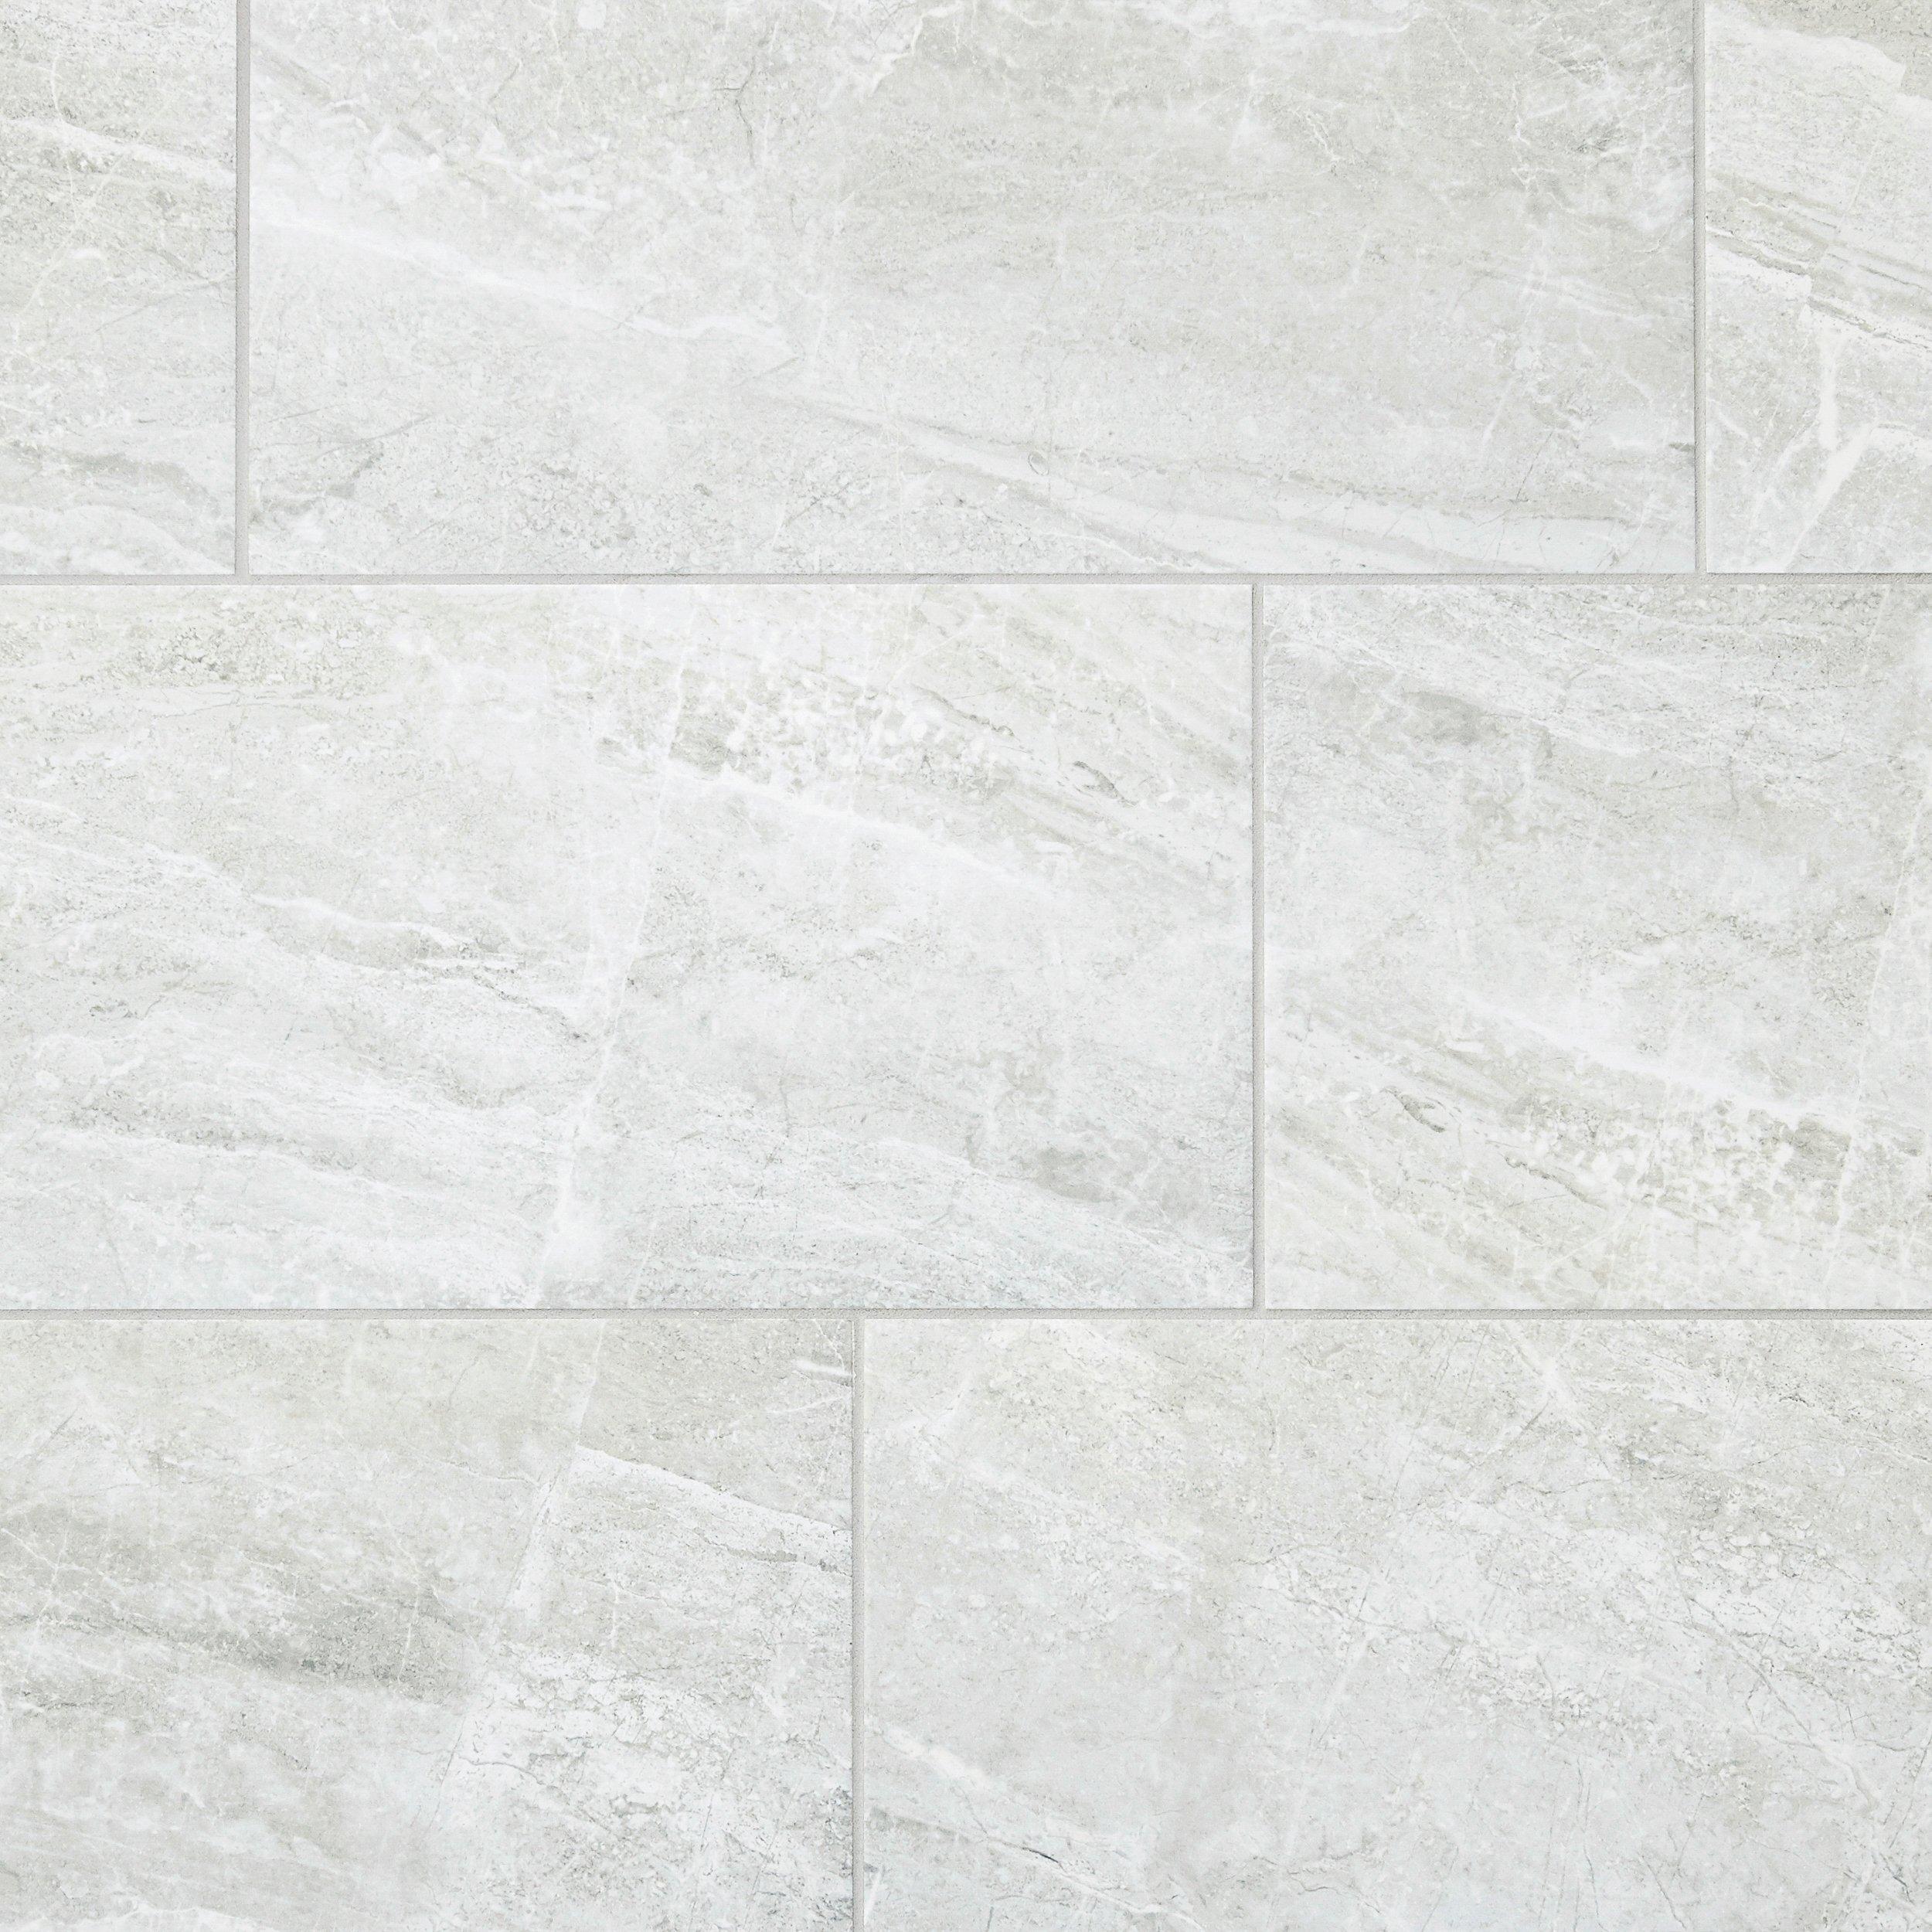 Blue Slate Tile Bathroom. Image Result For Blue Slate Tile Bathroom